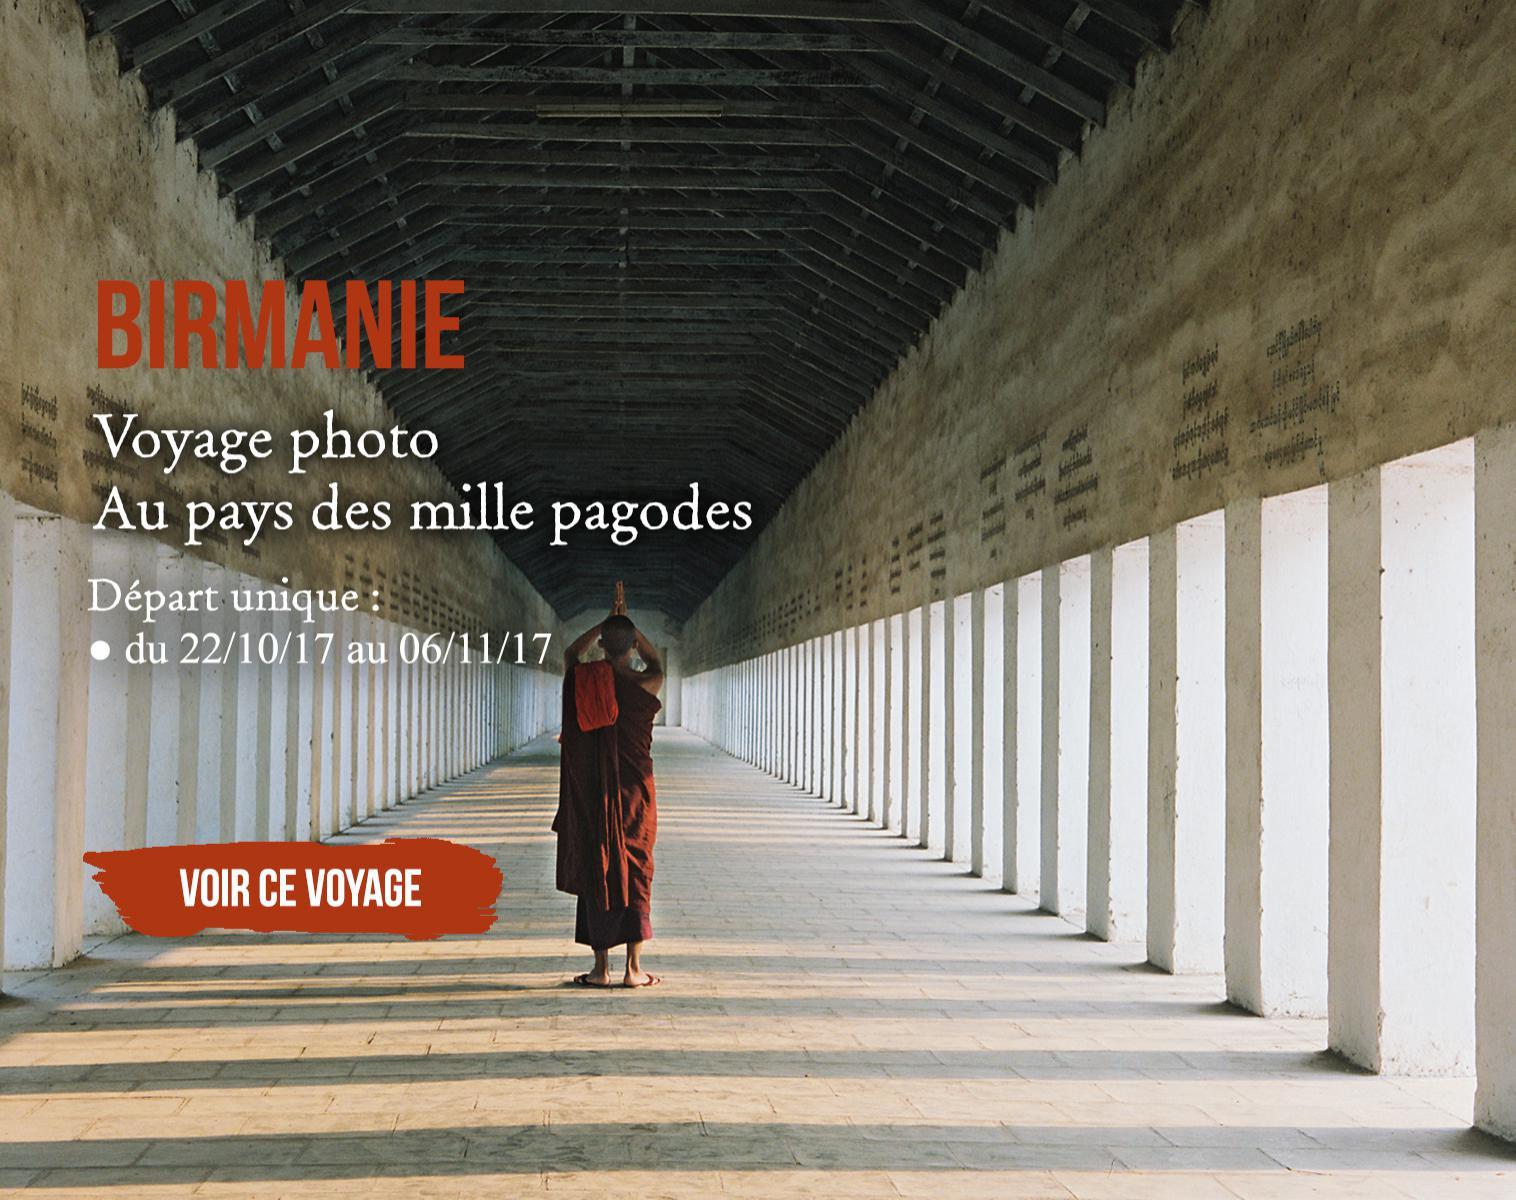 Birmanie, voyage photo au pays des mille pagodes